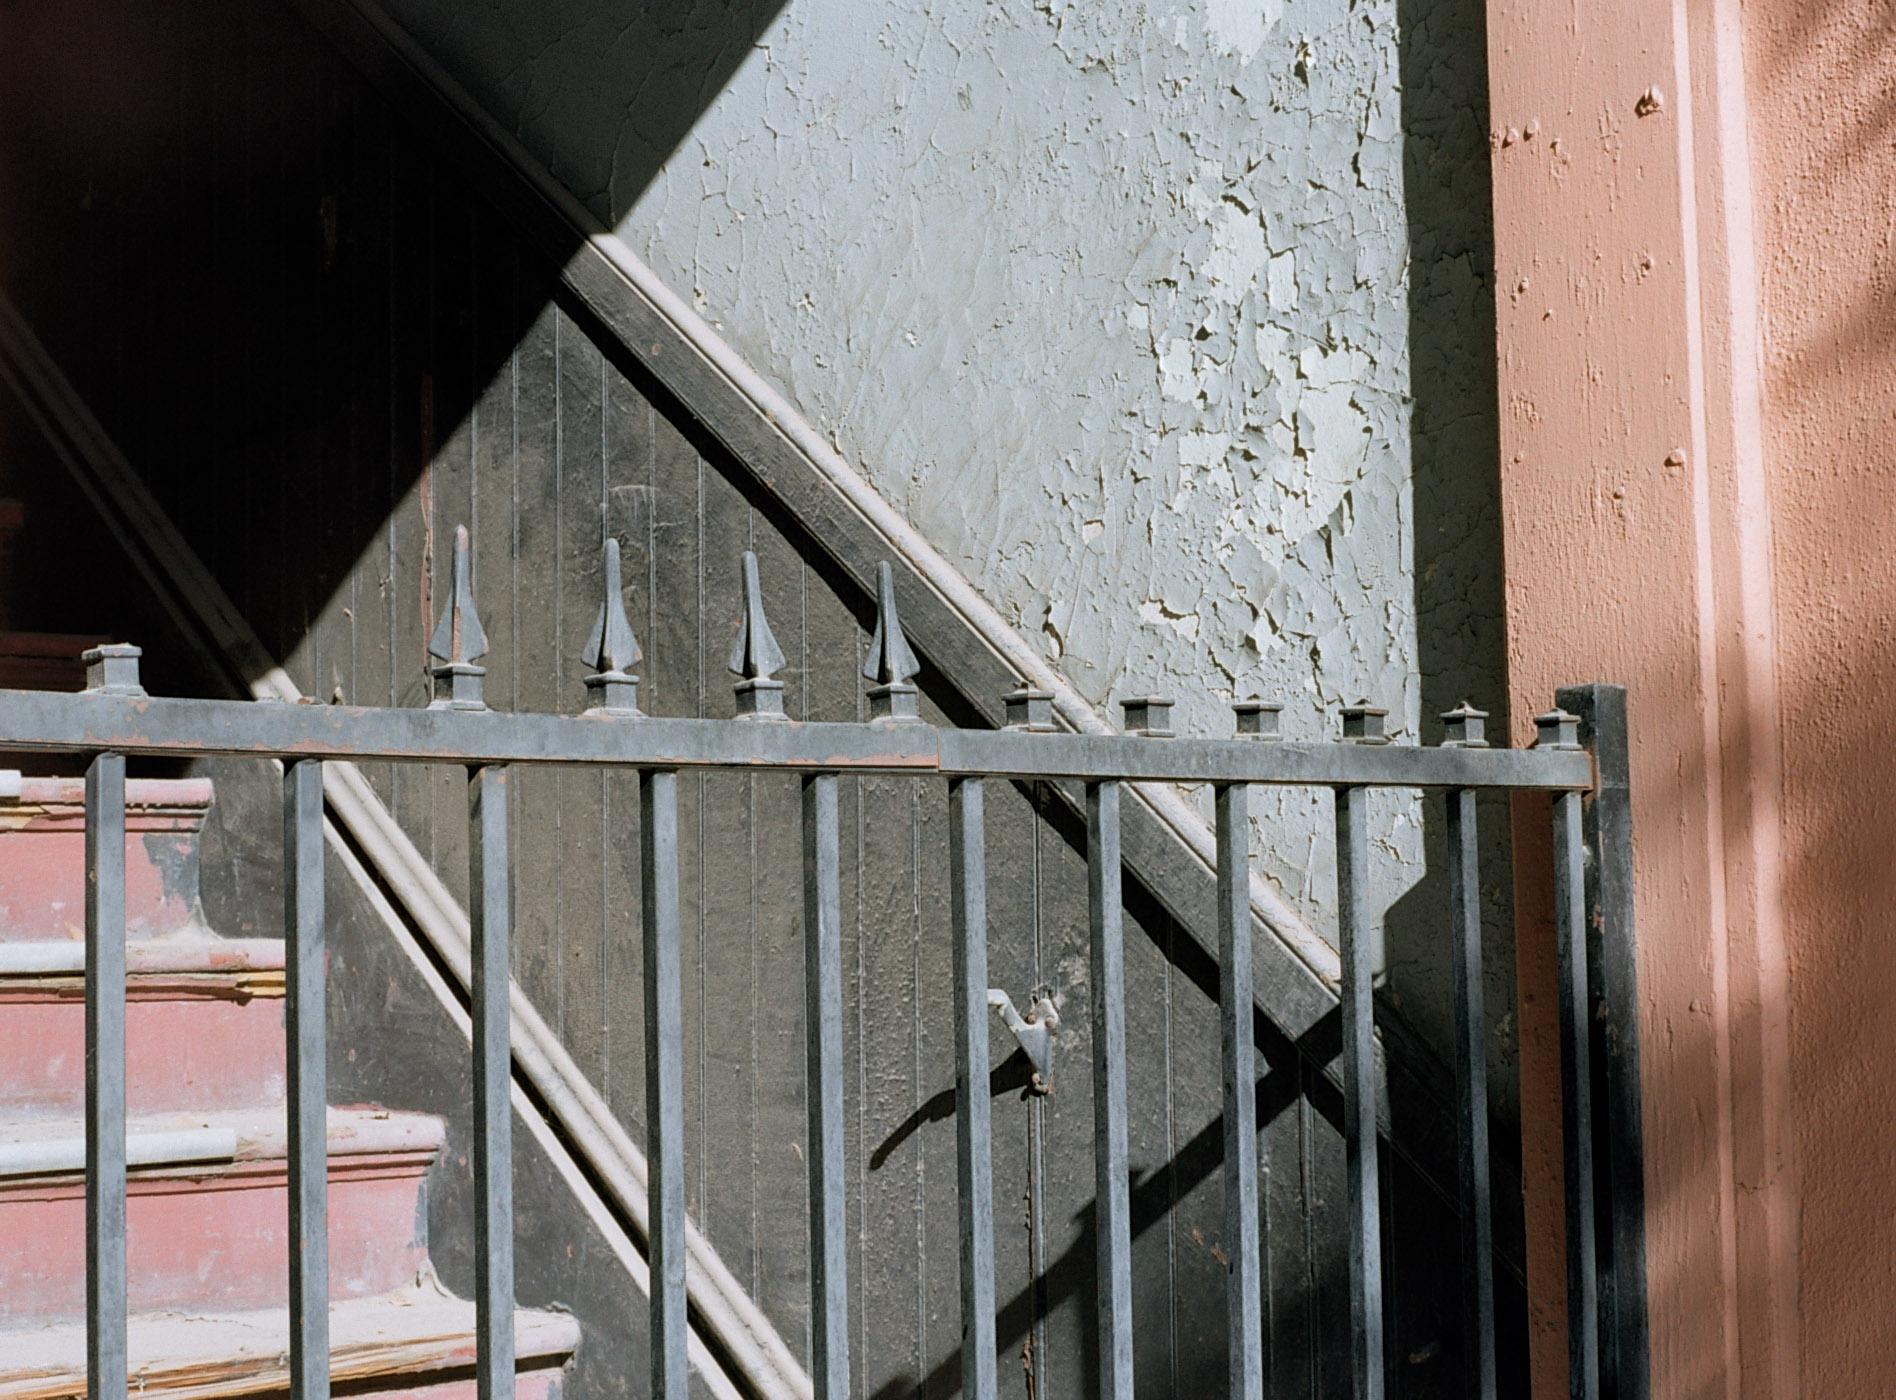 2007-phx-stairway-1